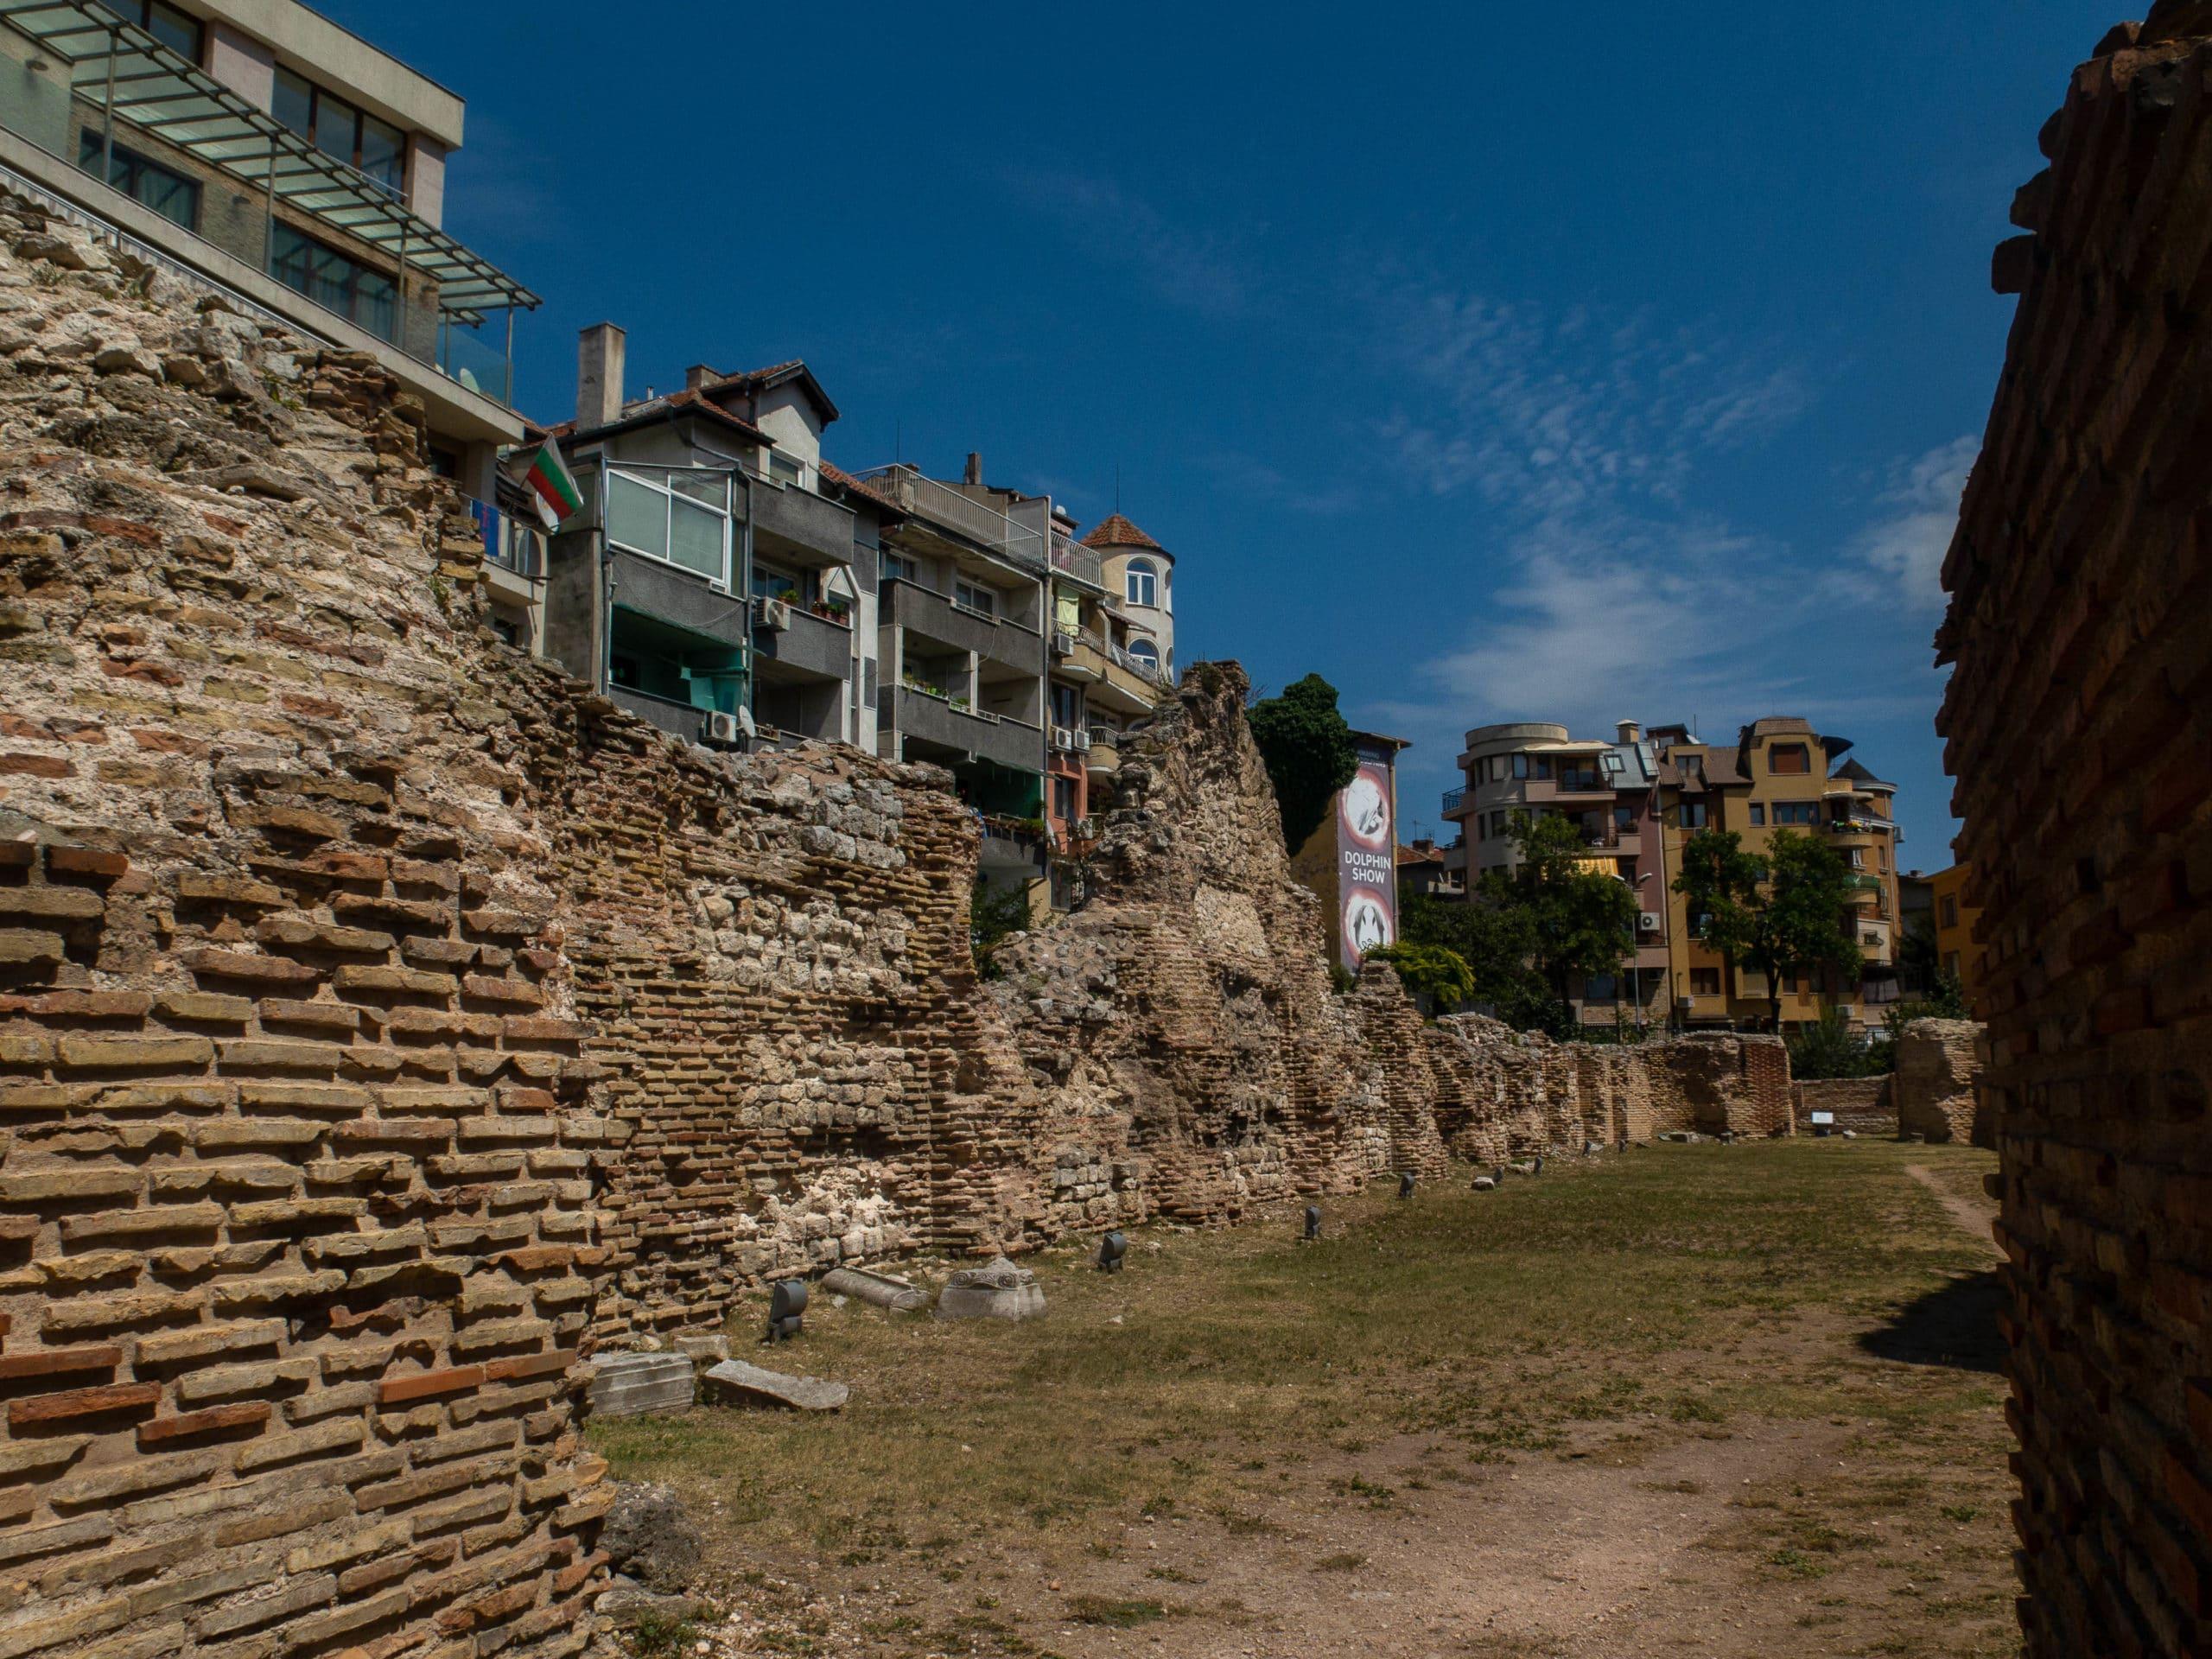 römisches Bad Mauerwerk, im Hintergrund moderne Wohnungen in varna